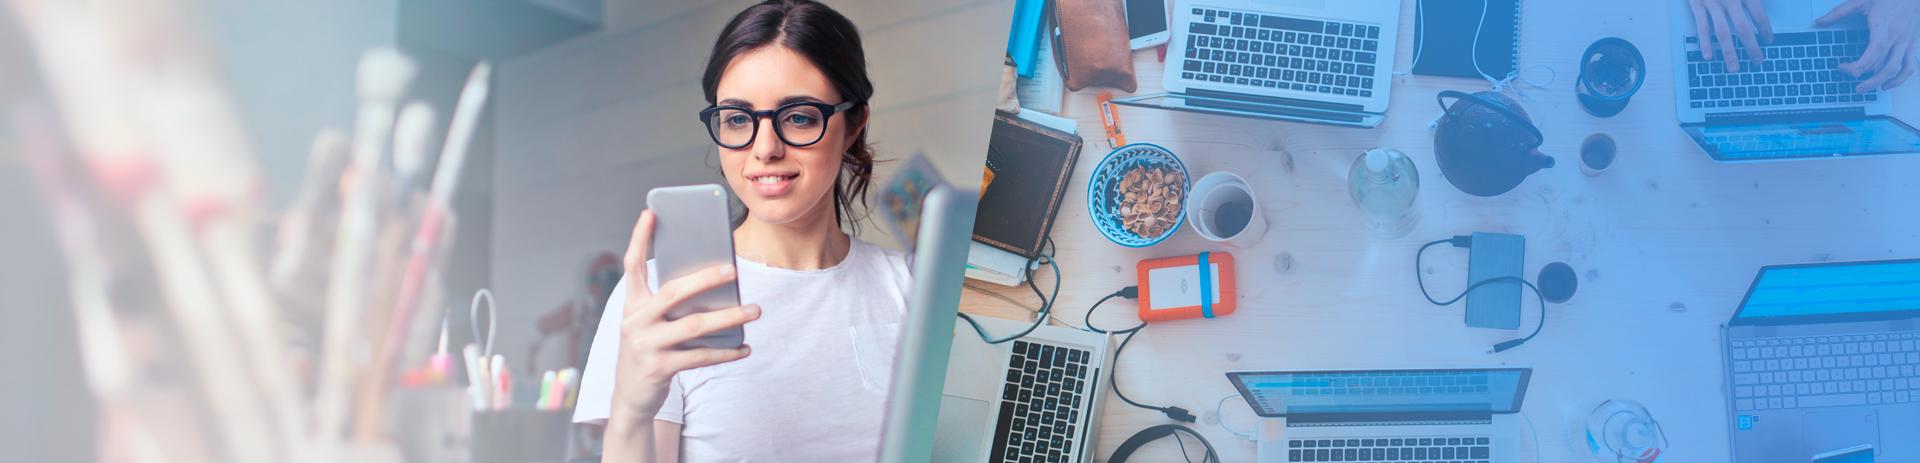 Социальные сети и трудоустройство | статьи о работе на работа-вакансии.рф